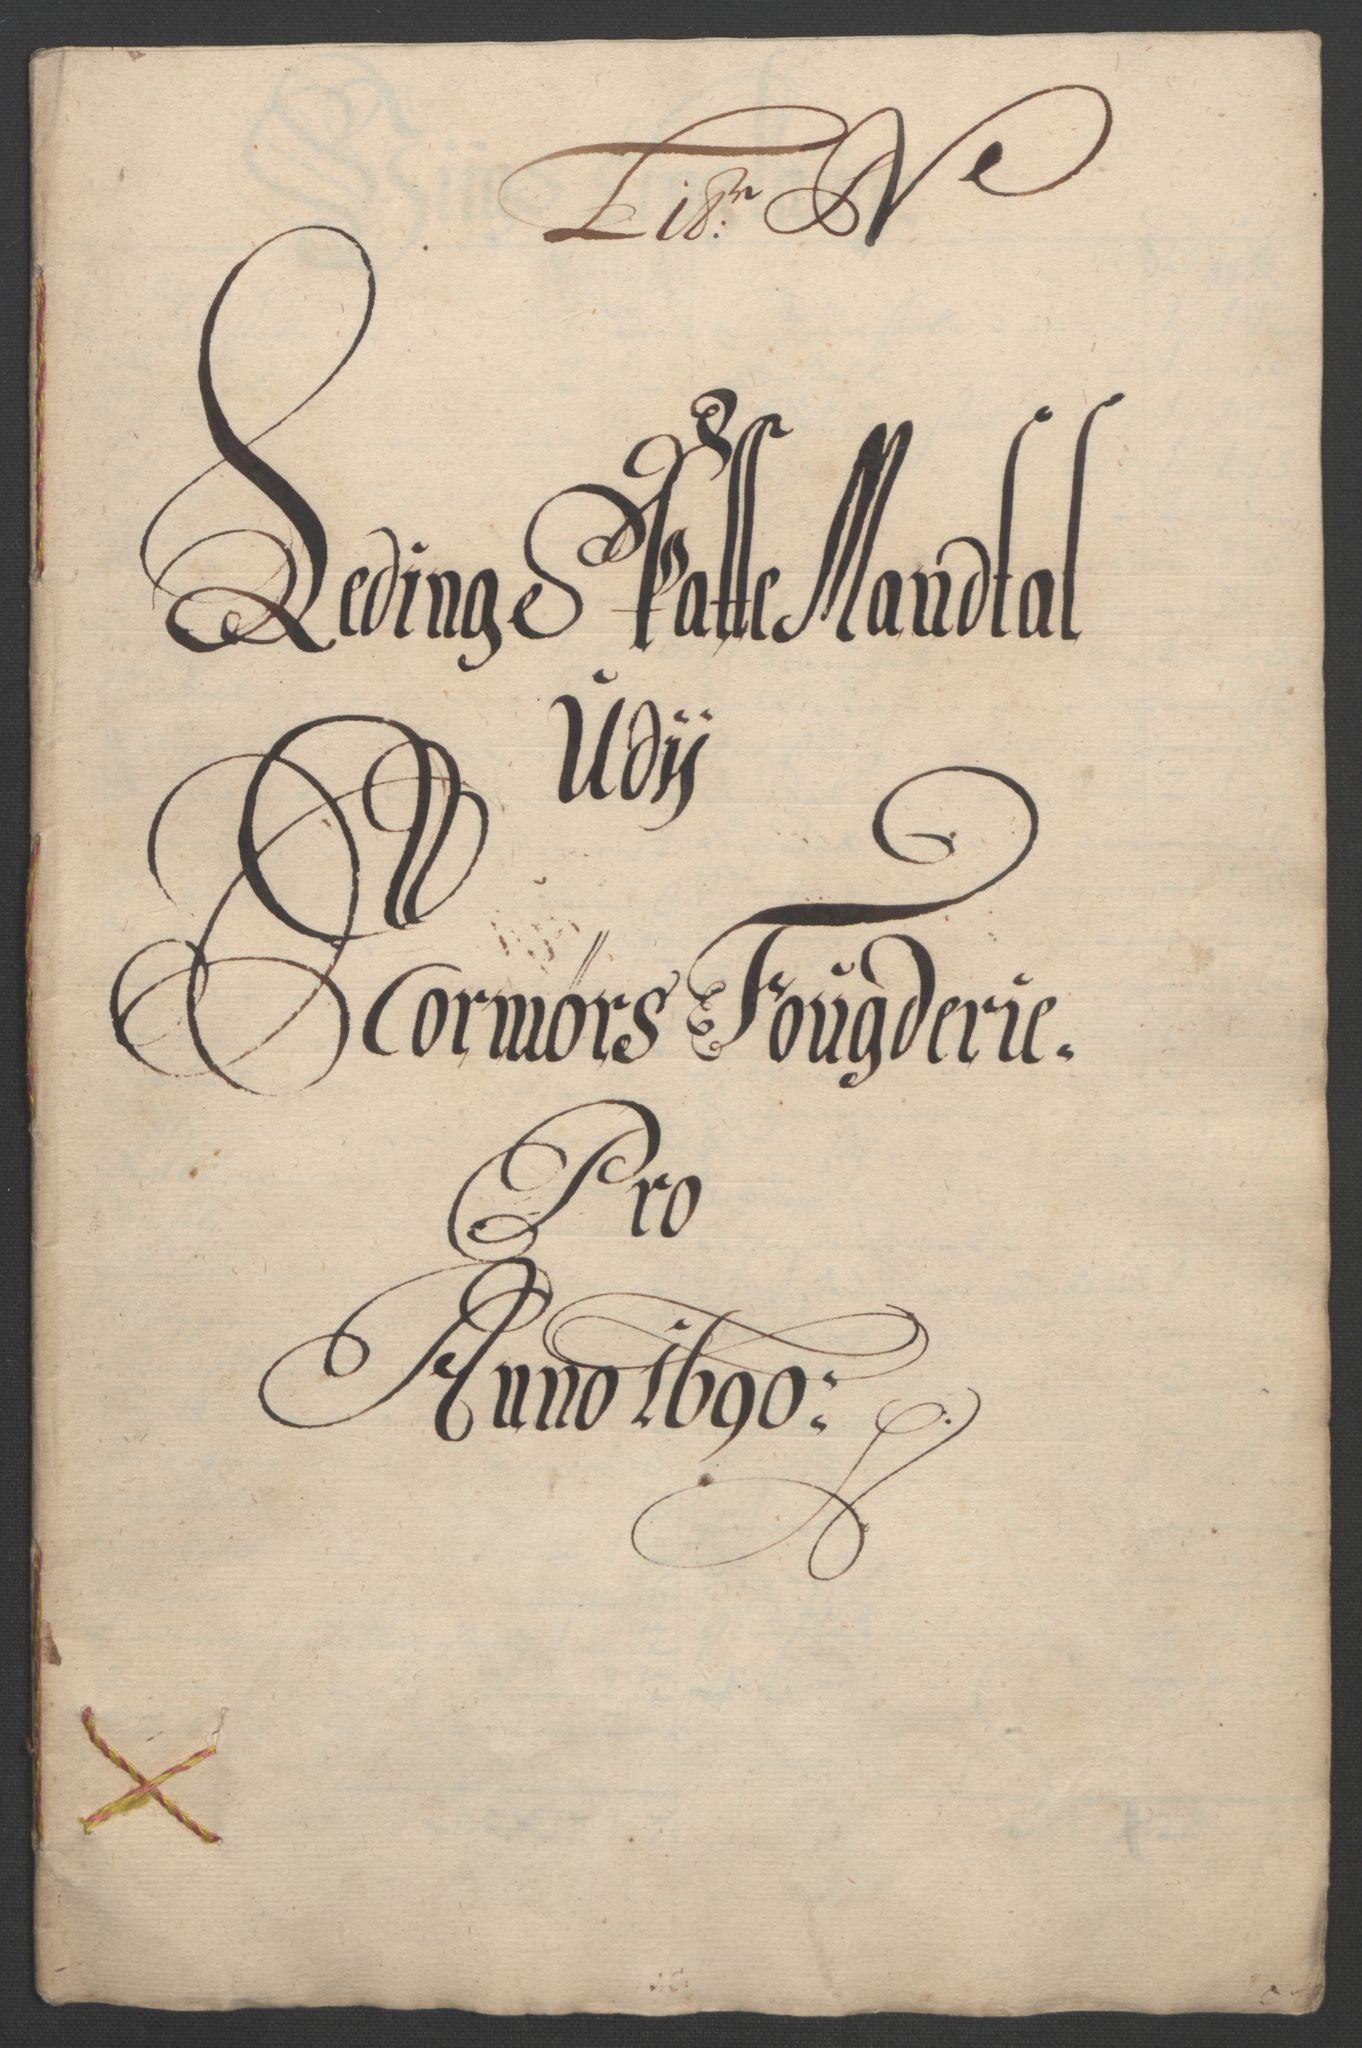 RA, Rentekammeret inntil 1814, Reviderte regnskaper, Fogderegnskap, R56/L3734: Fogderegnskap Nordmøre, 1690-1691, s. 180